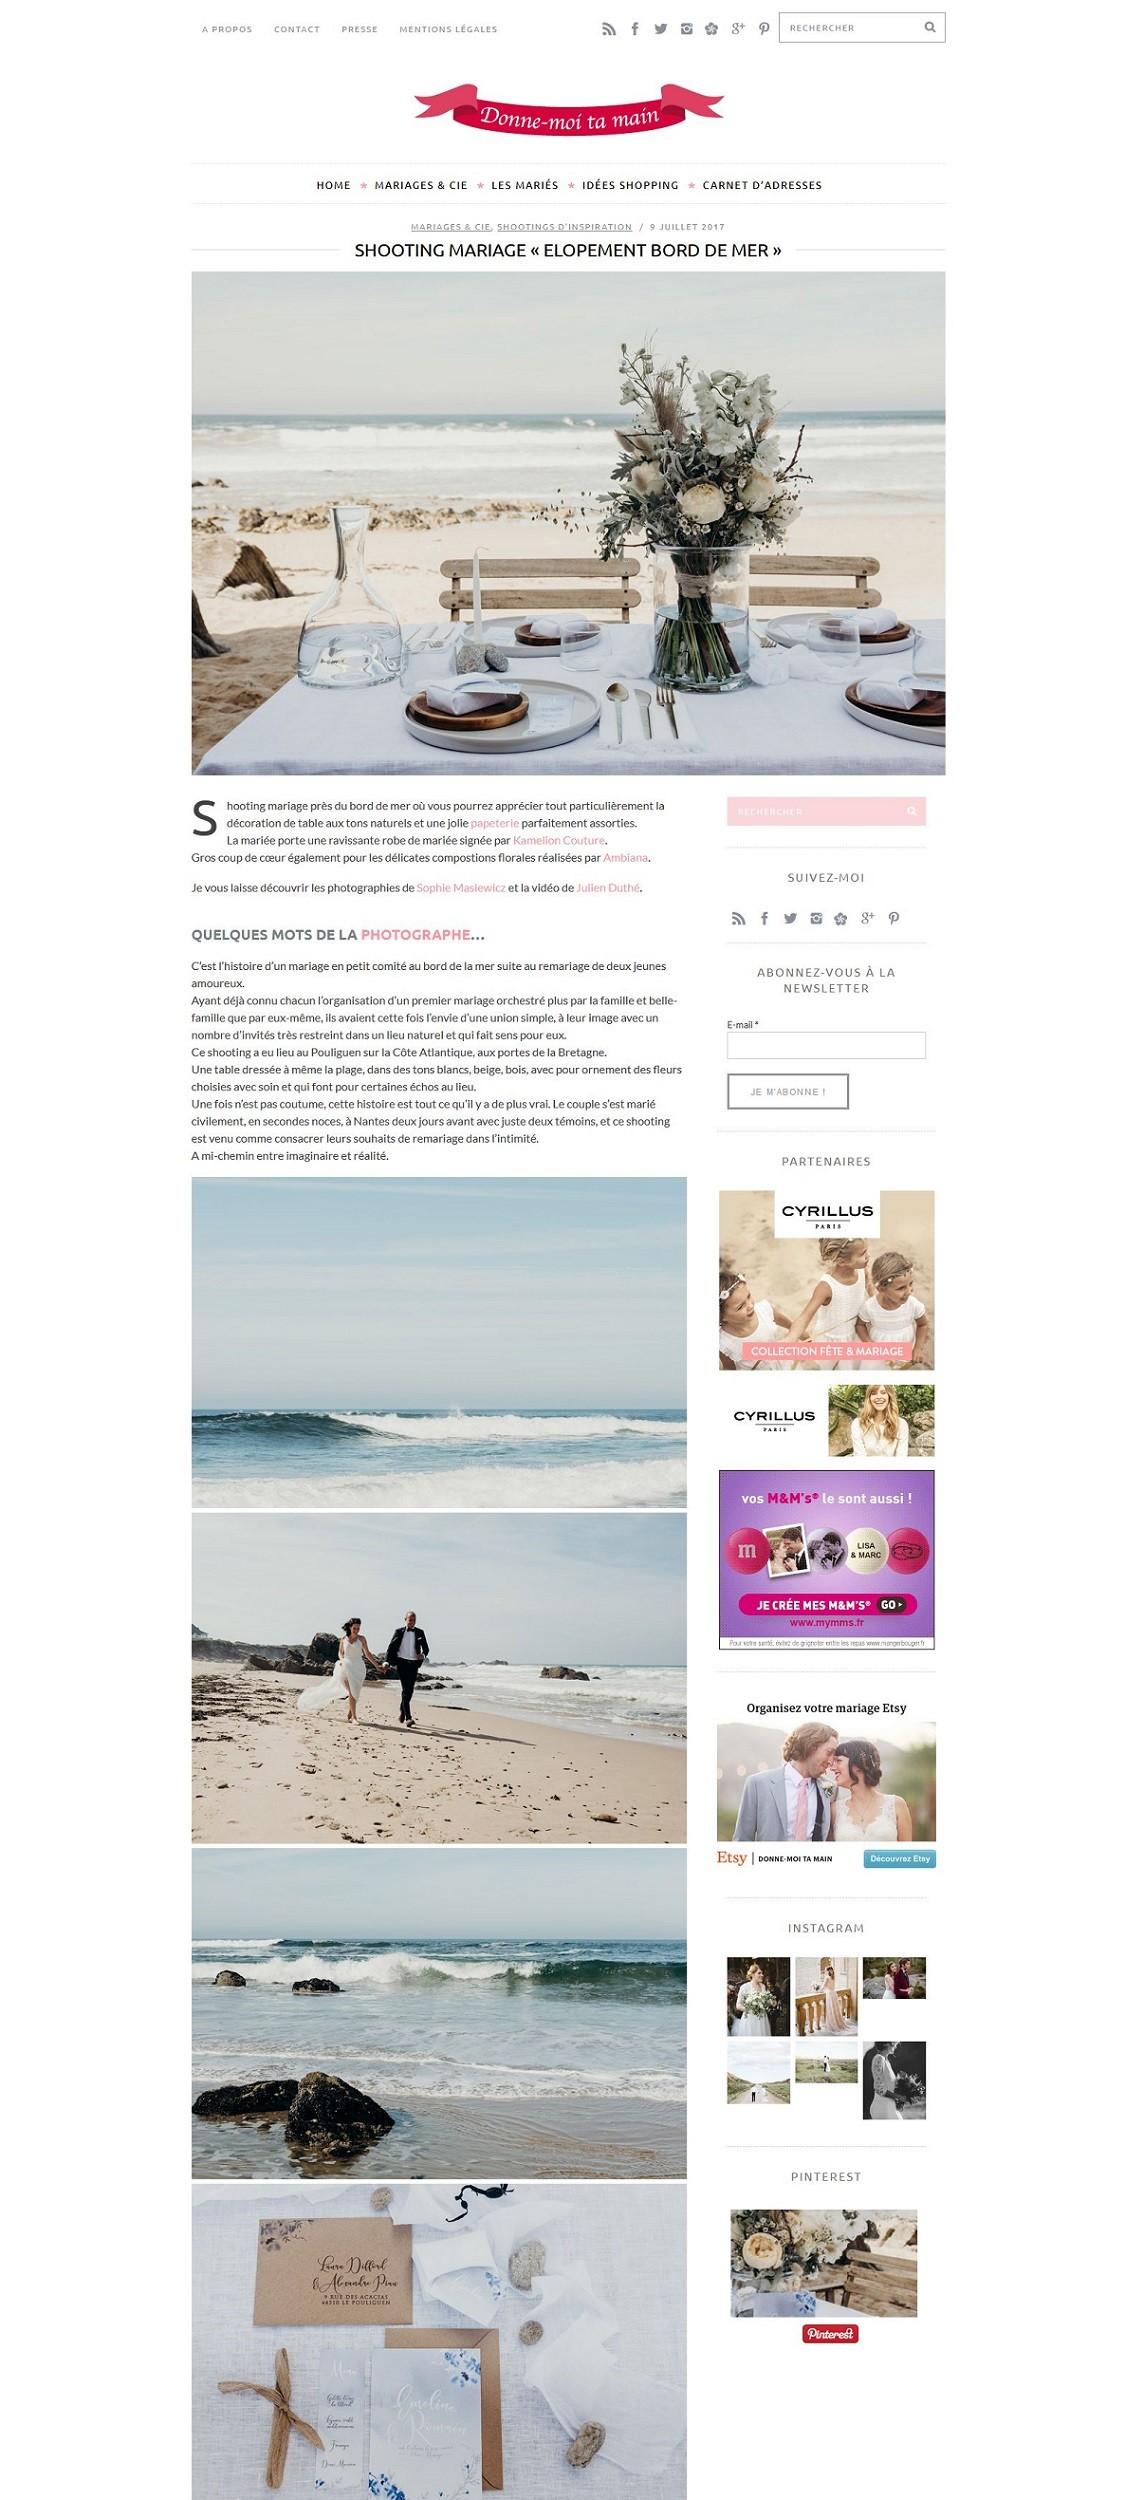 donnemoitamain_shooting-mariage-elopement-bord-de-mer